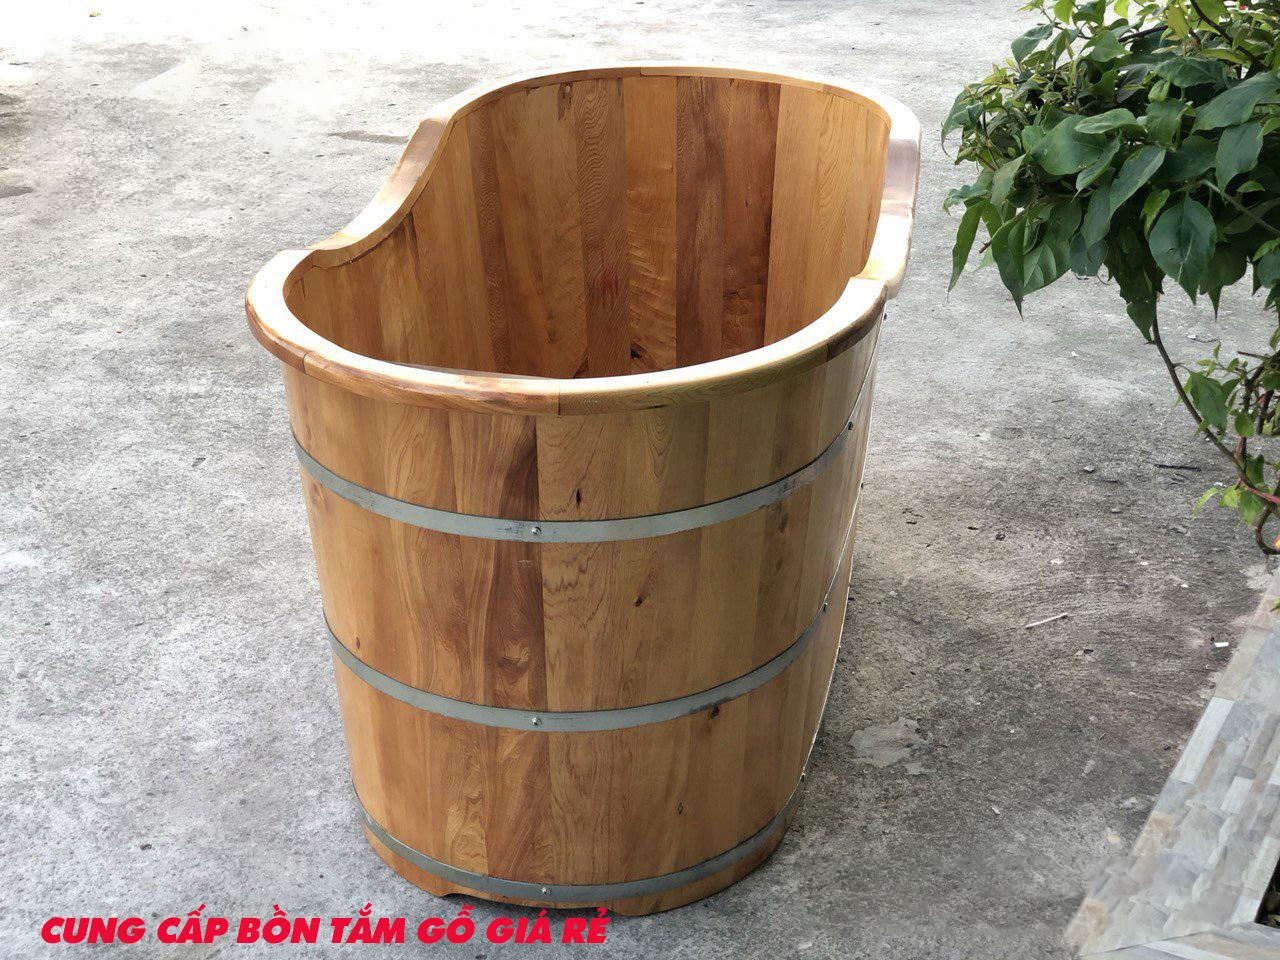 Bồn tắm gỗ giá rẻ tại Hà Nội